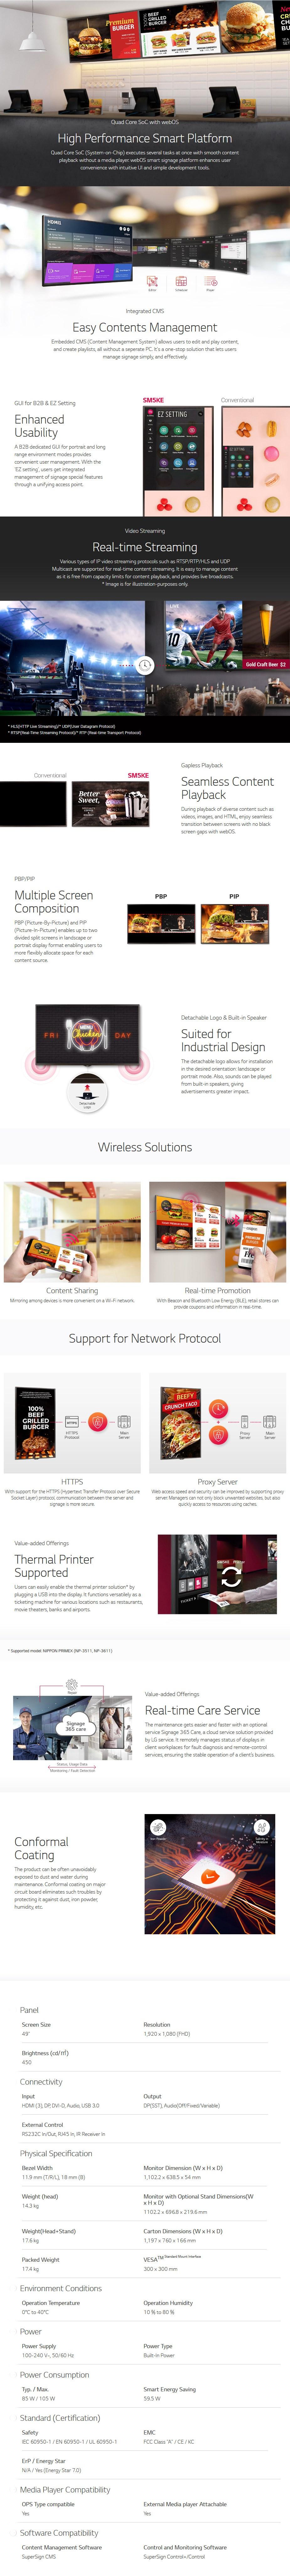 """LG SM5KE Series 49"""" Full HD SuperSign CMS Commerical Display - Desktop Overview 1"""